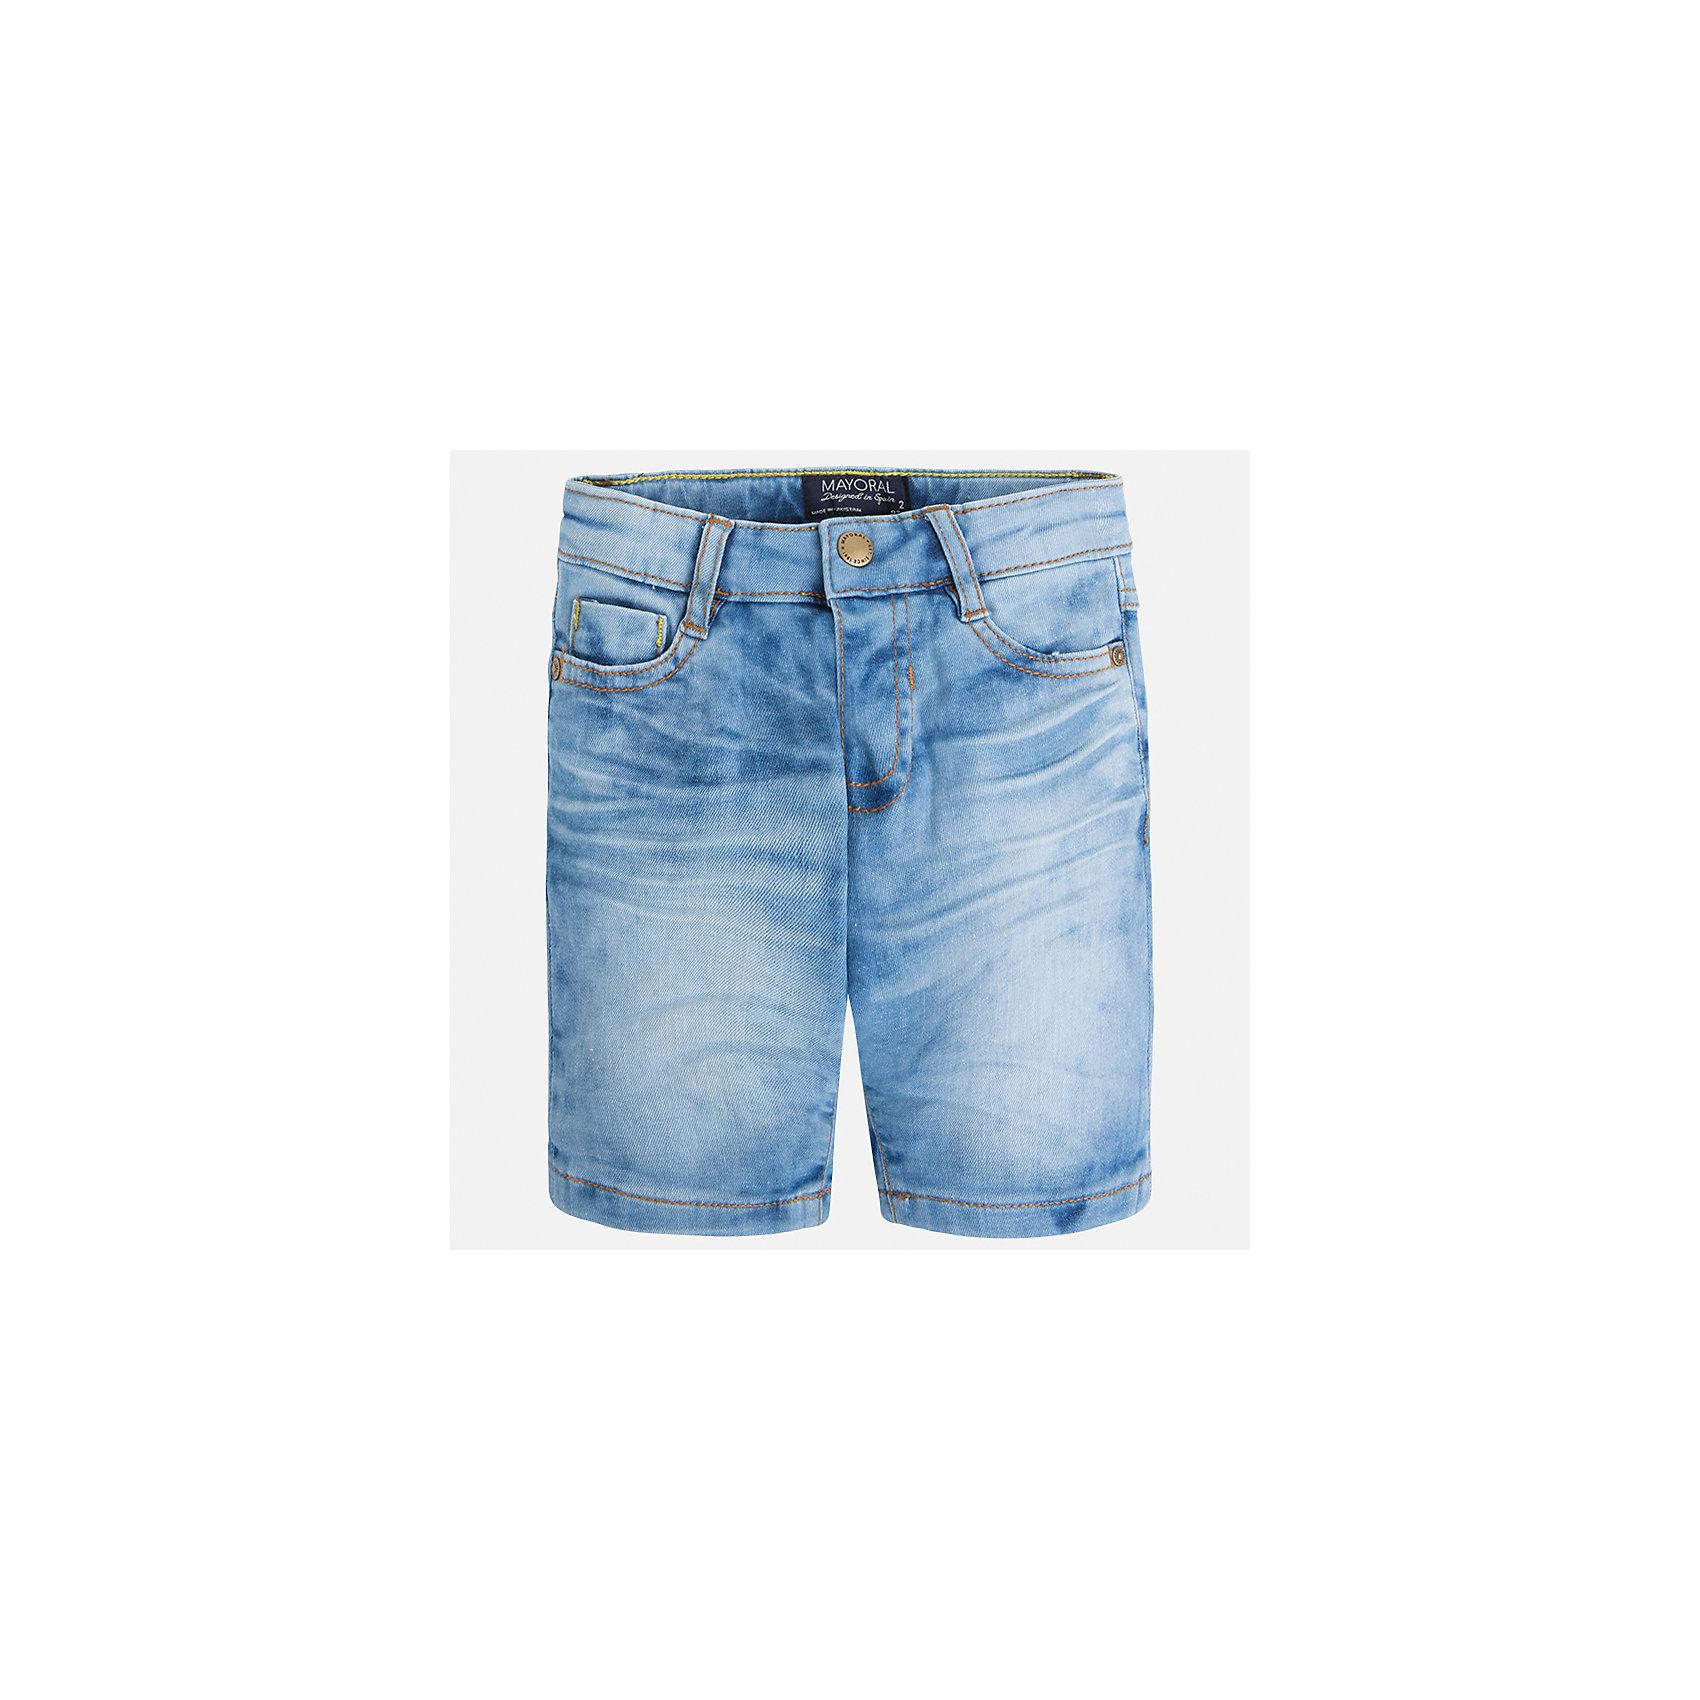 Бриджи джинсовые для мальчика MayoralХарактеристики товара:<br><br>• цвет: голубой<br>• состав: 97% хлопок, 3% эластан<br>• шлевки<br>• карманы<br>• пояс с регулировкой объема<br>• имитация потертости<br>• страна бренда: Испания<br><br>Модные бриджи для мальчика смогут стать базовой вещью в гардеробе ребенка. Они отлично сочетаются с майками, футболками, рубашками и т.д. Универсальный крой и цвет позволяет подобрать к вещи верх разных расцветок. Практичное и стильное изделие! В составе материала - натуральный хлопок, гипоаллергенный, приятный на ощупь, дышащий.<br><br>Одежда, обувь и аксессуары от испанского бренда Mayoral полюбились детям и взрослым по всему миру. Модели этой марки - стильные и удобные. Для их производства используются только безопасные, качественные материалы и фурнитура. Порадуйте ребенка модными и красивыми вещами от Mayoral! <br><br>Бриджи для мальчика от испанского бренда Mayoral (Майорал) можно купить в нашем интернет-магазине.<br><br>Ширина мм: 191<br>Глубина мм: 10<br>Высота мм: 175<br>Вес г: 273<br>Цвет: синий<br>Возраст от месяцев: 18<br>Возраст до месяцев: 24<br>Пол: Мужской<br>Возраст: Детский<br>Размер: 92,128,134,122,116,110,104,98<br>SKU: 5272585